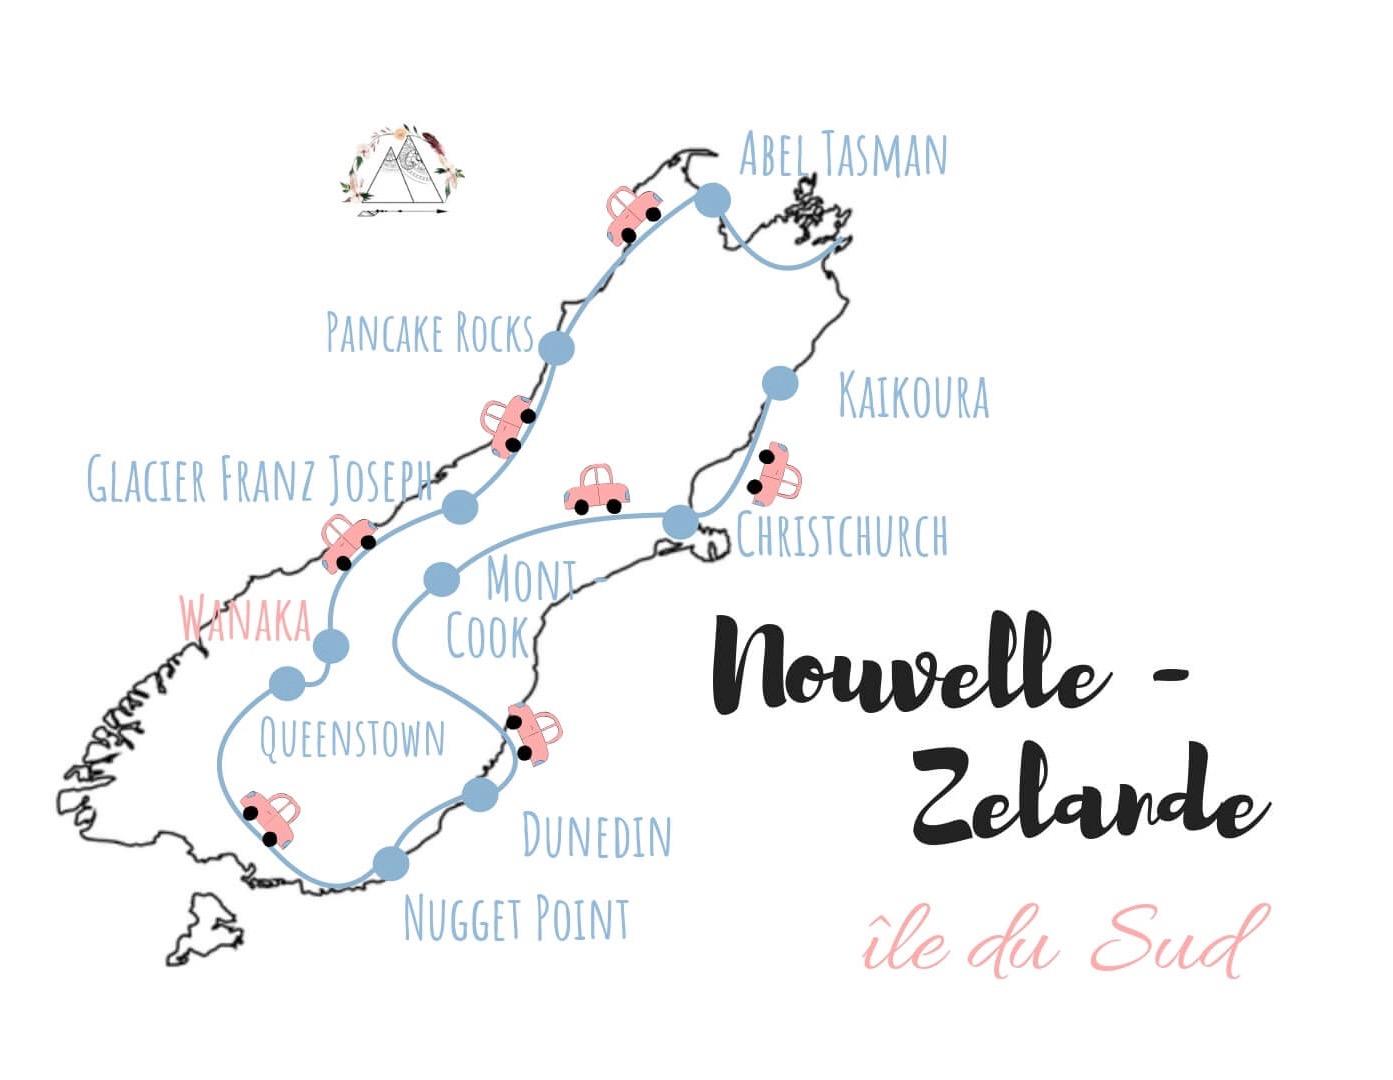 Visiter ile du sud nouvelle zelande road trip